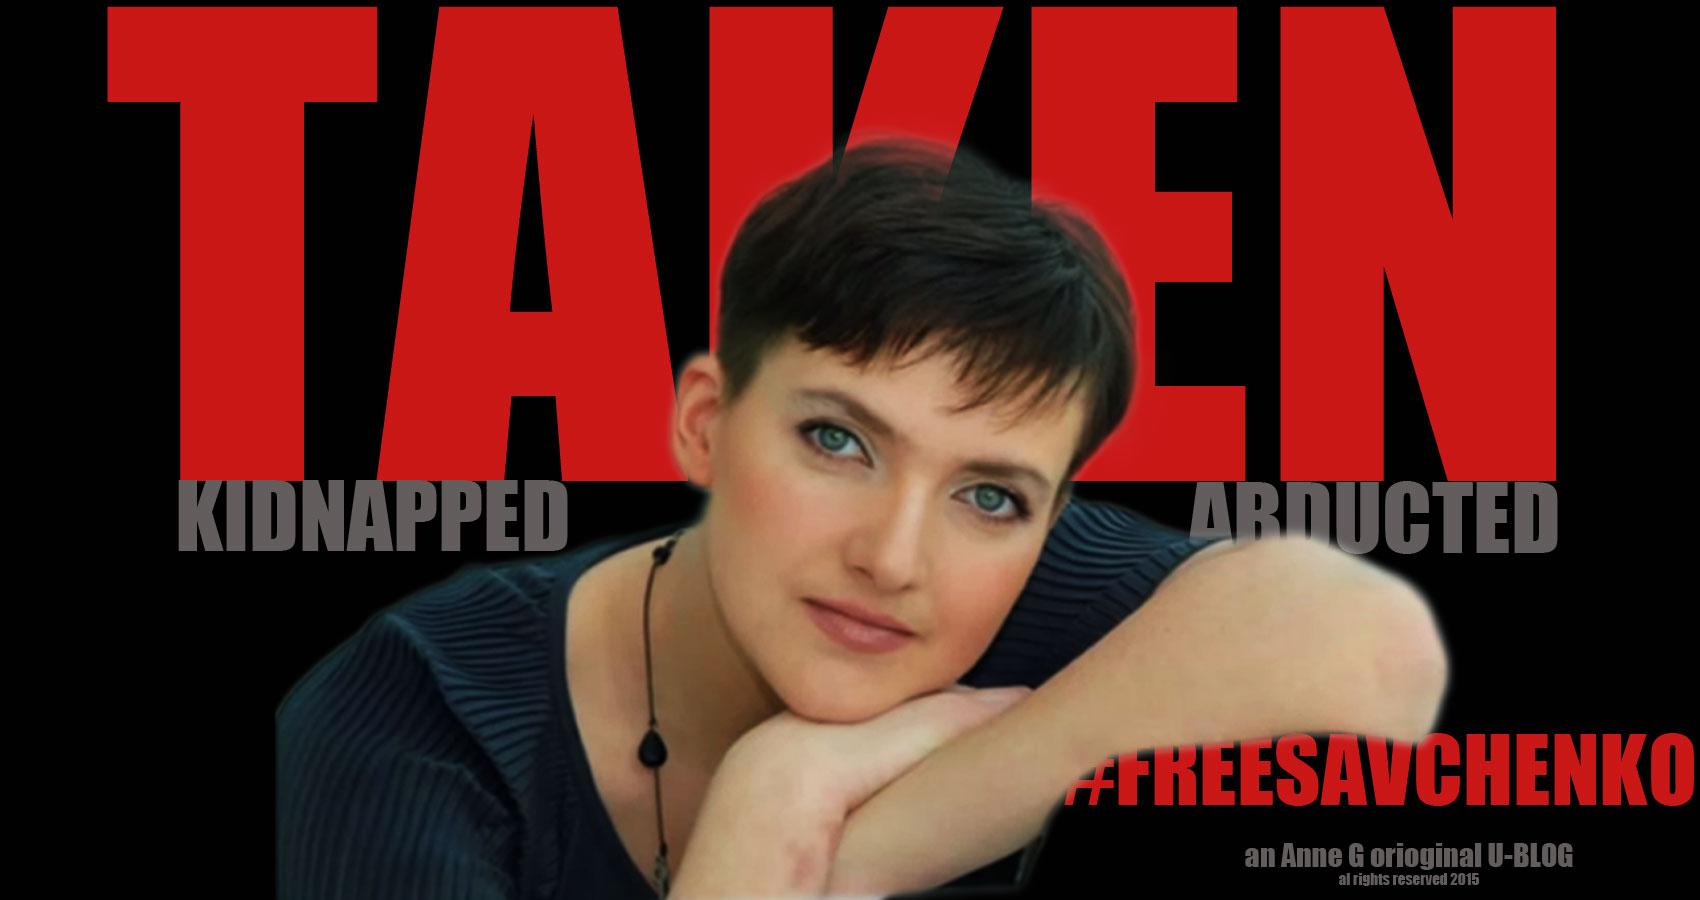 TAKEN an Original Anne G U-Blog at spillwords.com Nadiya Savchenko #freesavchenko